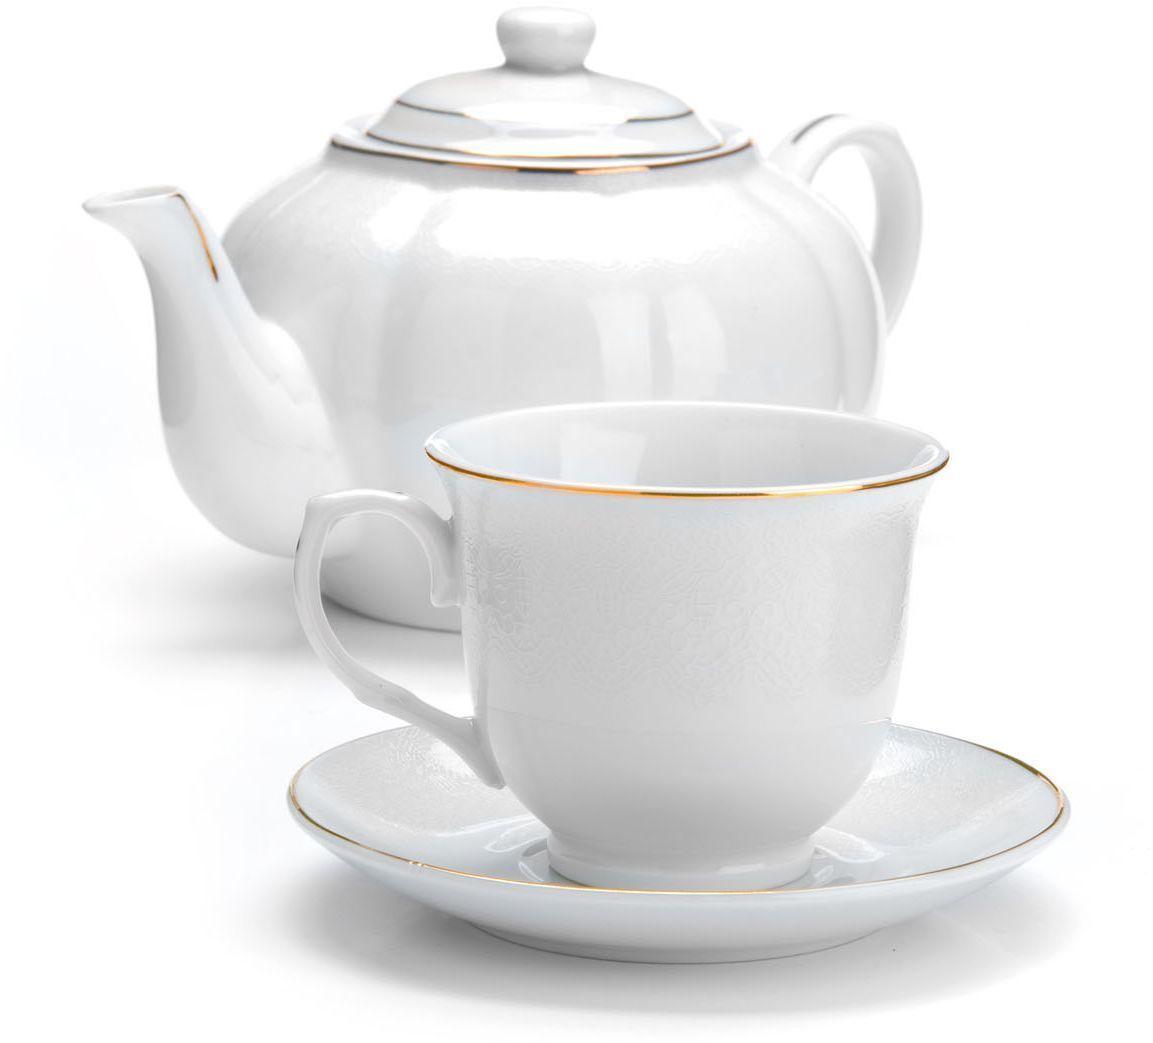 Чайный сервиз Loraine, 13 предметов (220 мл + чайник 1 л). 2641926419Чайный набор Loraine на 6 персон, изготовленный из высококачественной керамики изысканного белого цвета, состоит из 6 чашек, 6 блюдец и 1-го чайника. Изделия набора украшены тонкой золотой каймой и имеют красивый и нежный дизайн. Набор придется по вкусу и ценителям классики, и тем, кто предпочитает утонченность и изысканность. Он настроит на позитивный лад и подарит хорошее настроение с самого утра. Набор упакован в подарочную упаковку. Такой чайный набор станет прекрасным украшением стола, а процесс чаепития превратится в одно удовольствие! Это замечательный выбор для подарка родным и друзьям!